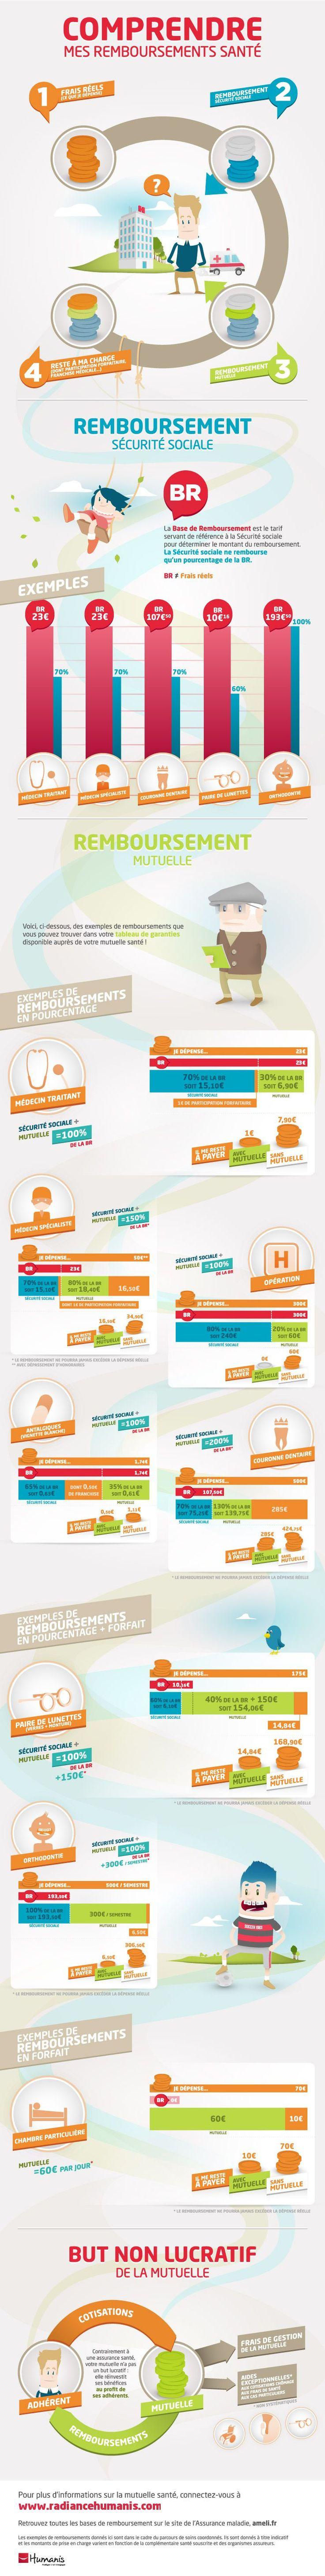 Sécurité sociale et mutuelle : infographie